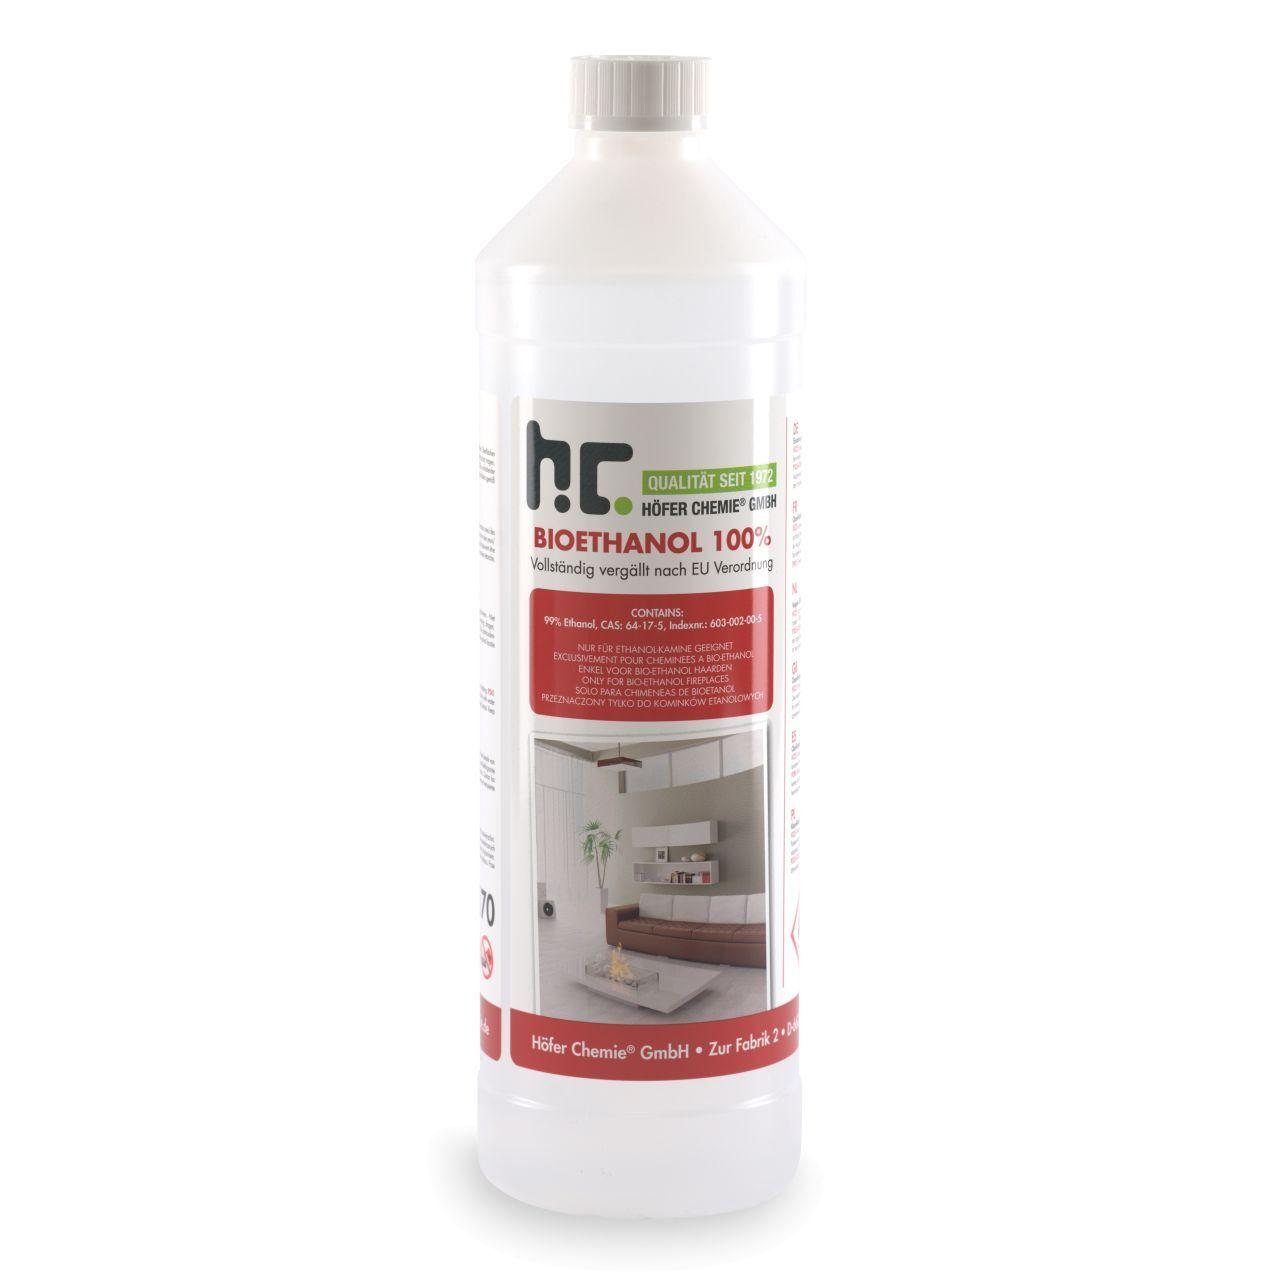 Höfer Chemie 1 l Bioéthanol à 100% dénaturé en bouteilles de 1 l (1 x 1 l)